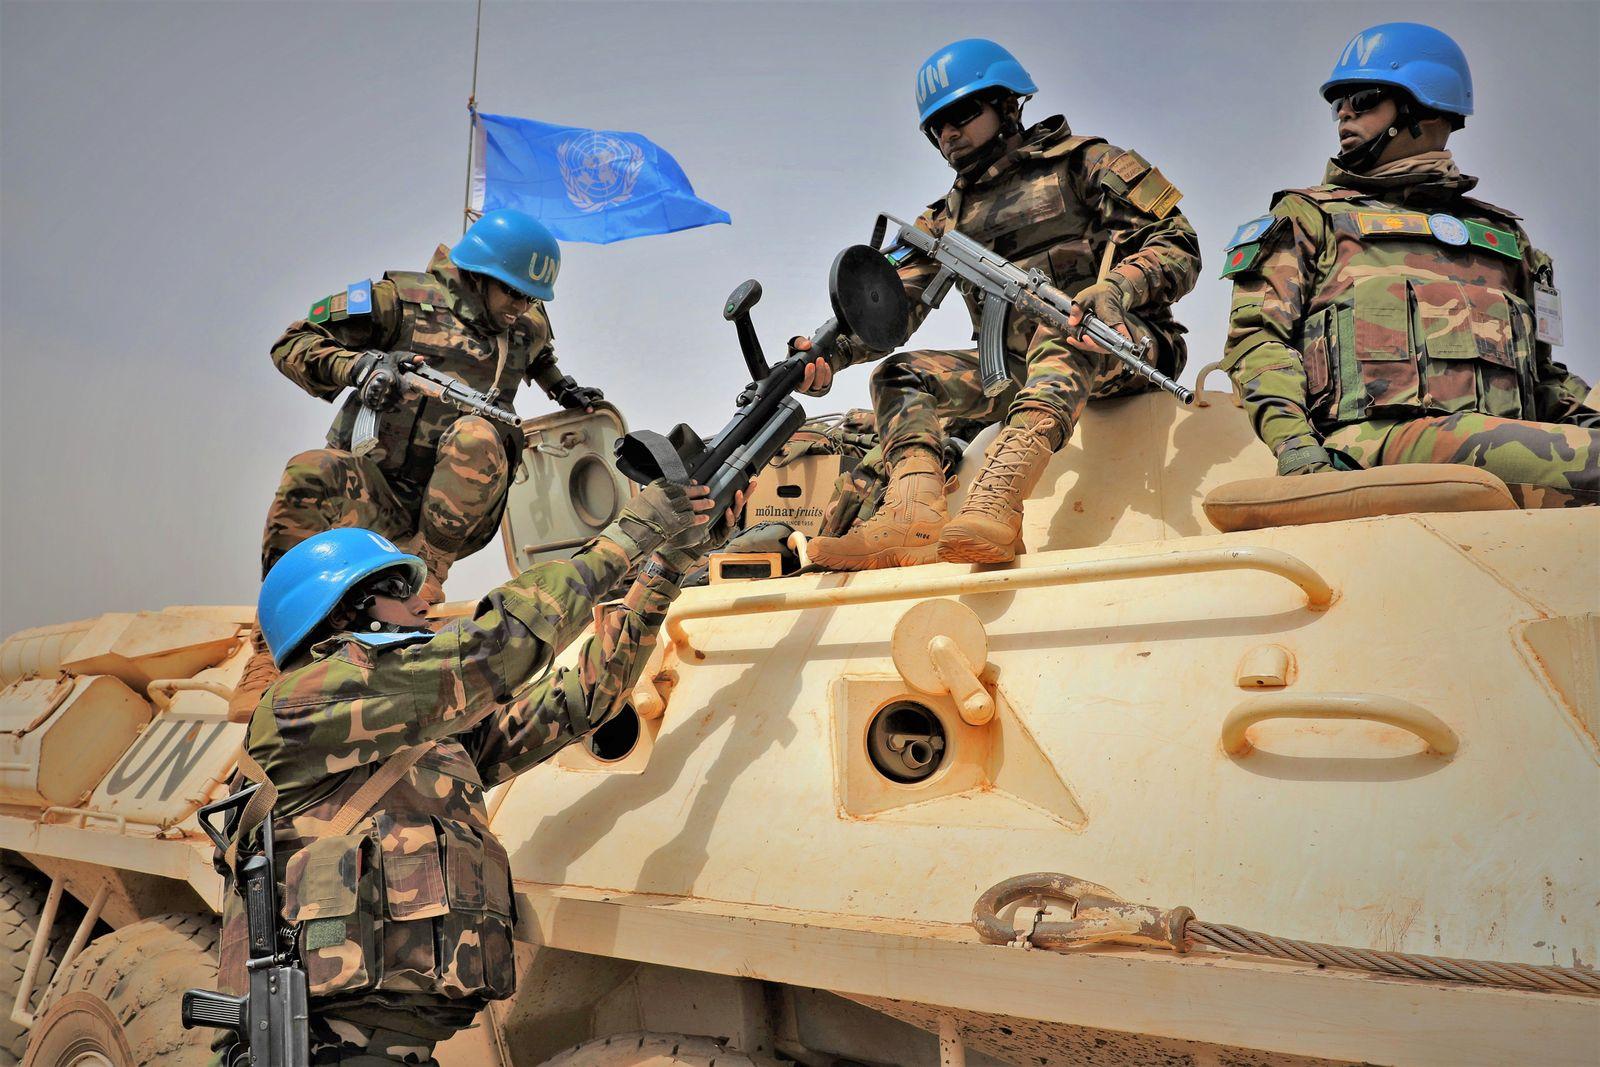 Mali/ Blauhelme